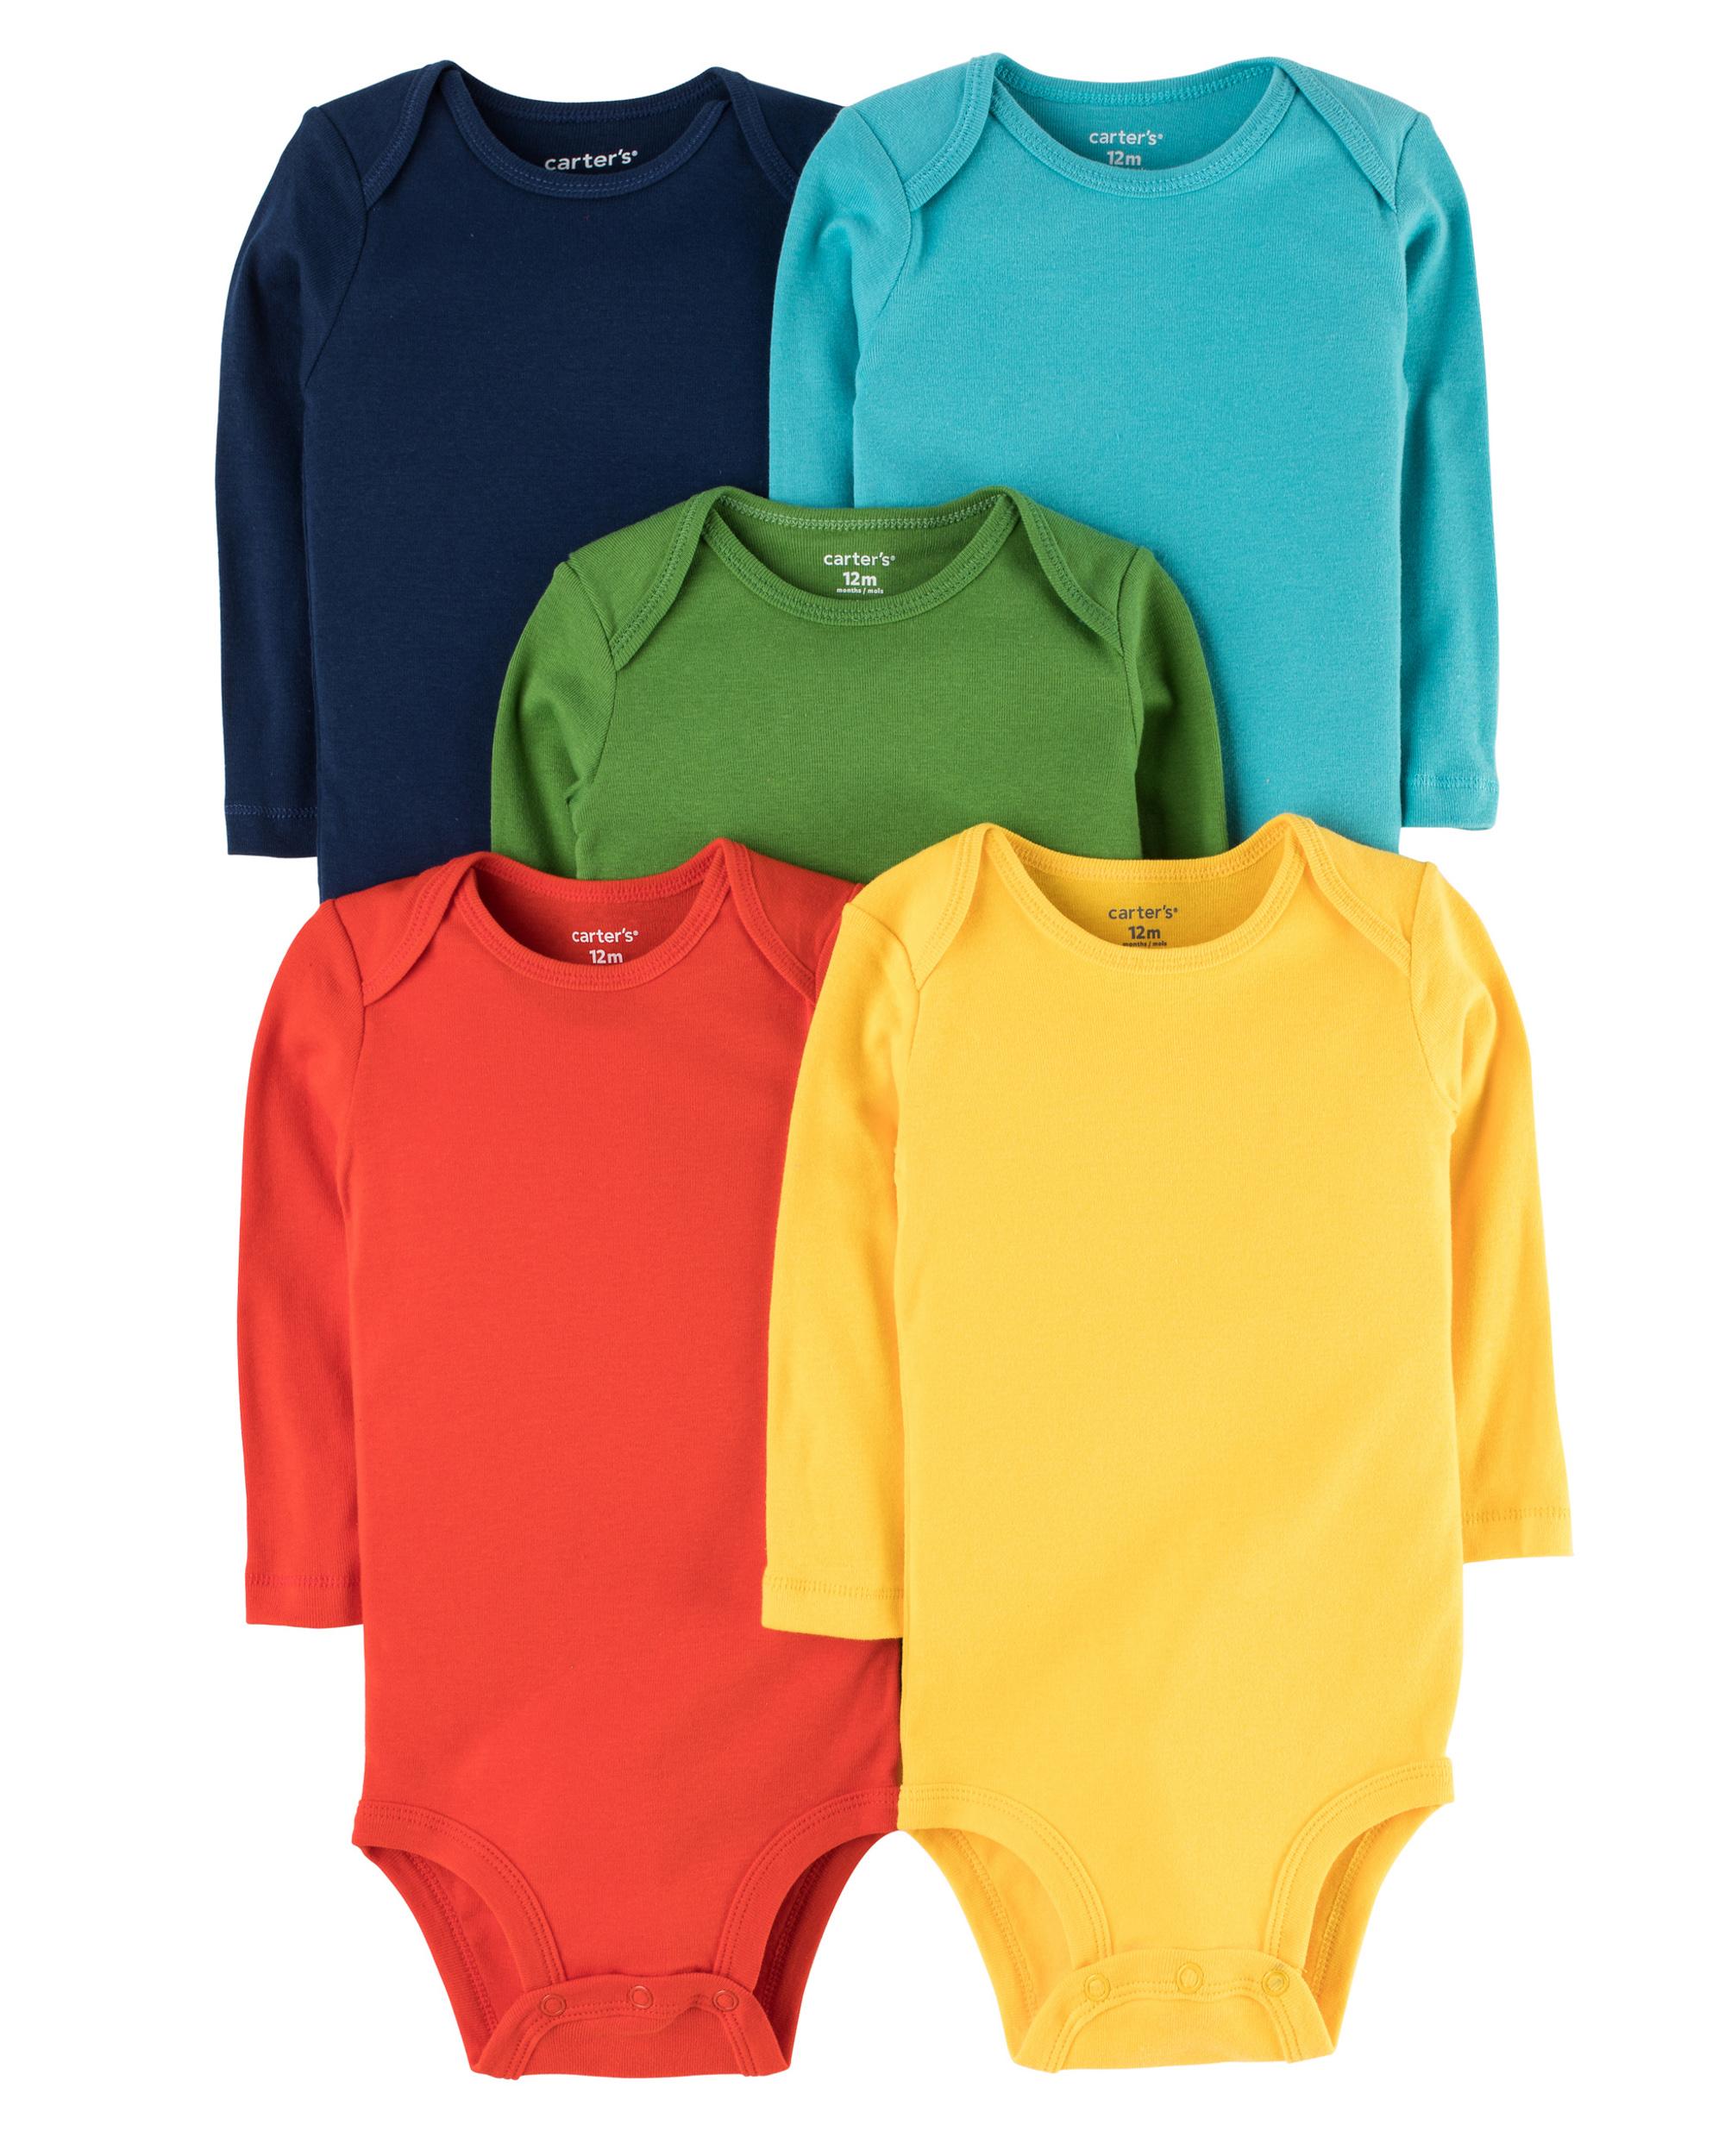 5 בגדי גוף צבעוני חלק